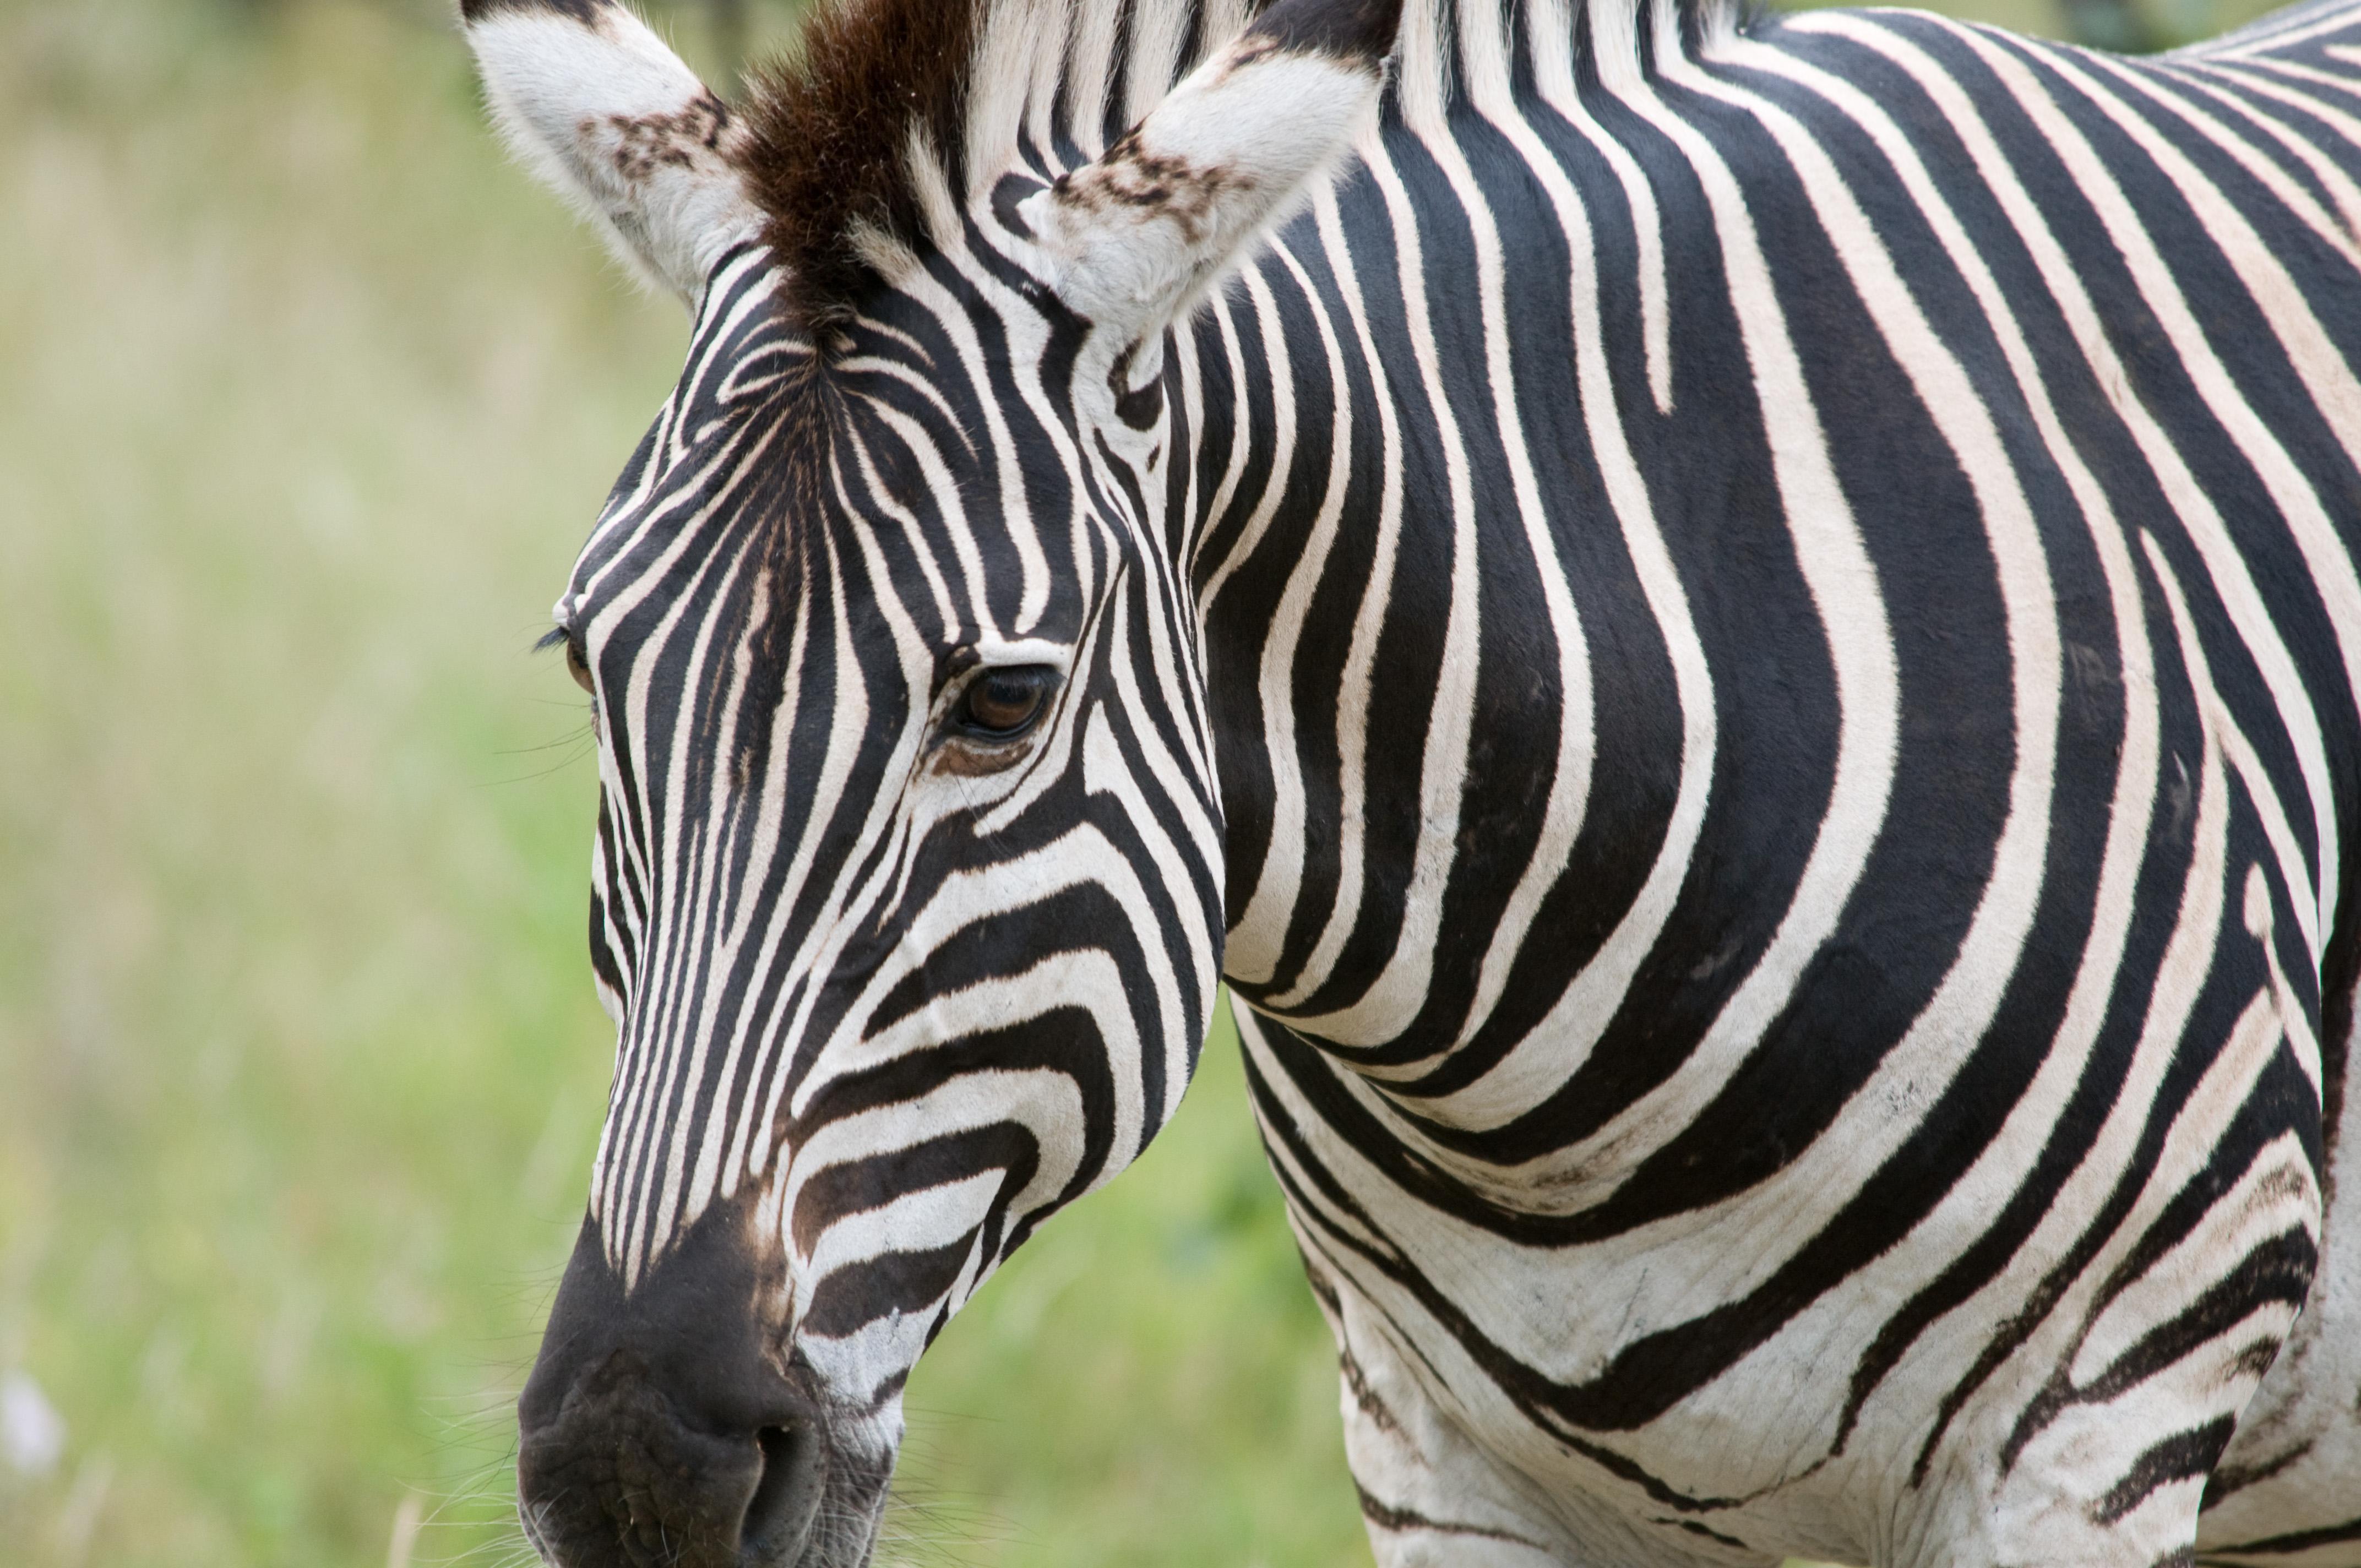 Zebra close-up | photo page - everystockphoto